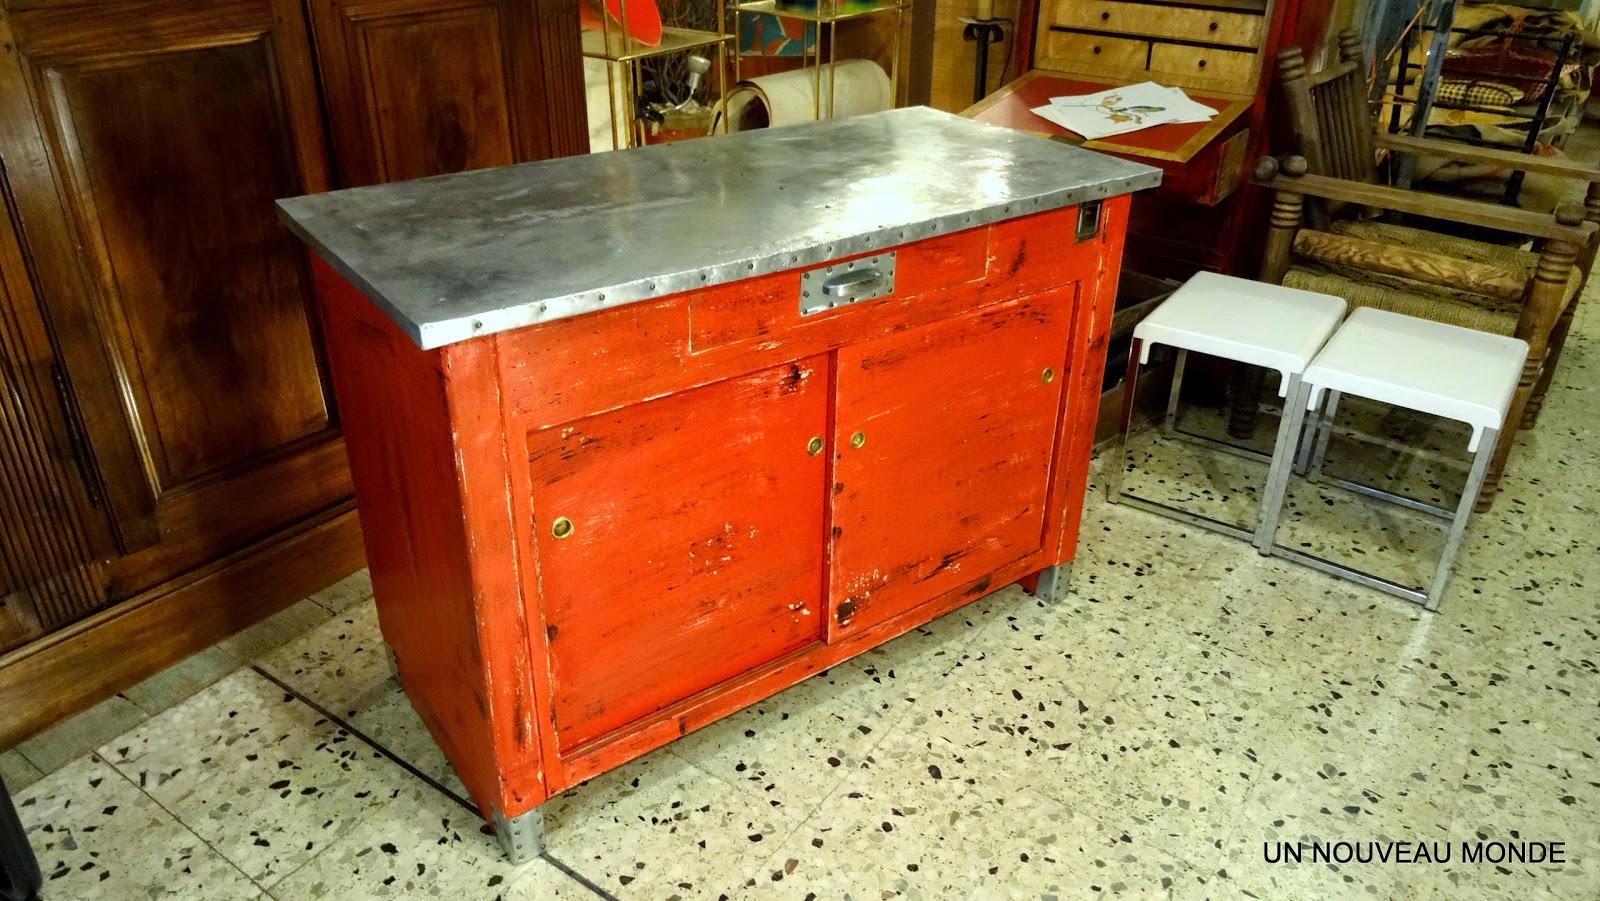 brocante d coration un nouveau monde meuble de m tier petit buffet zingu patine rouge. Black Bedroom Furniture Sets. Home Design Ideas